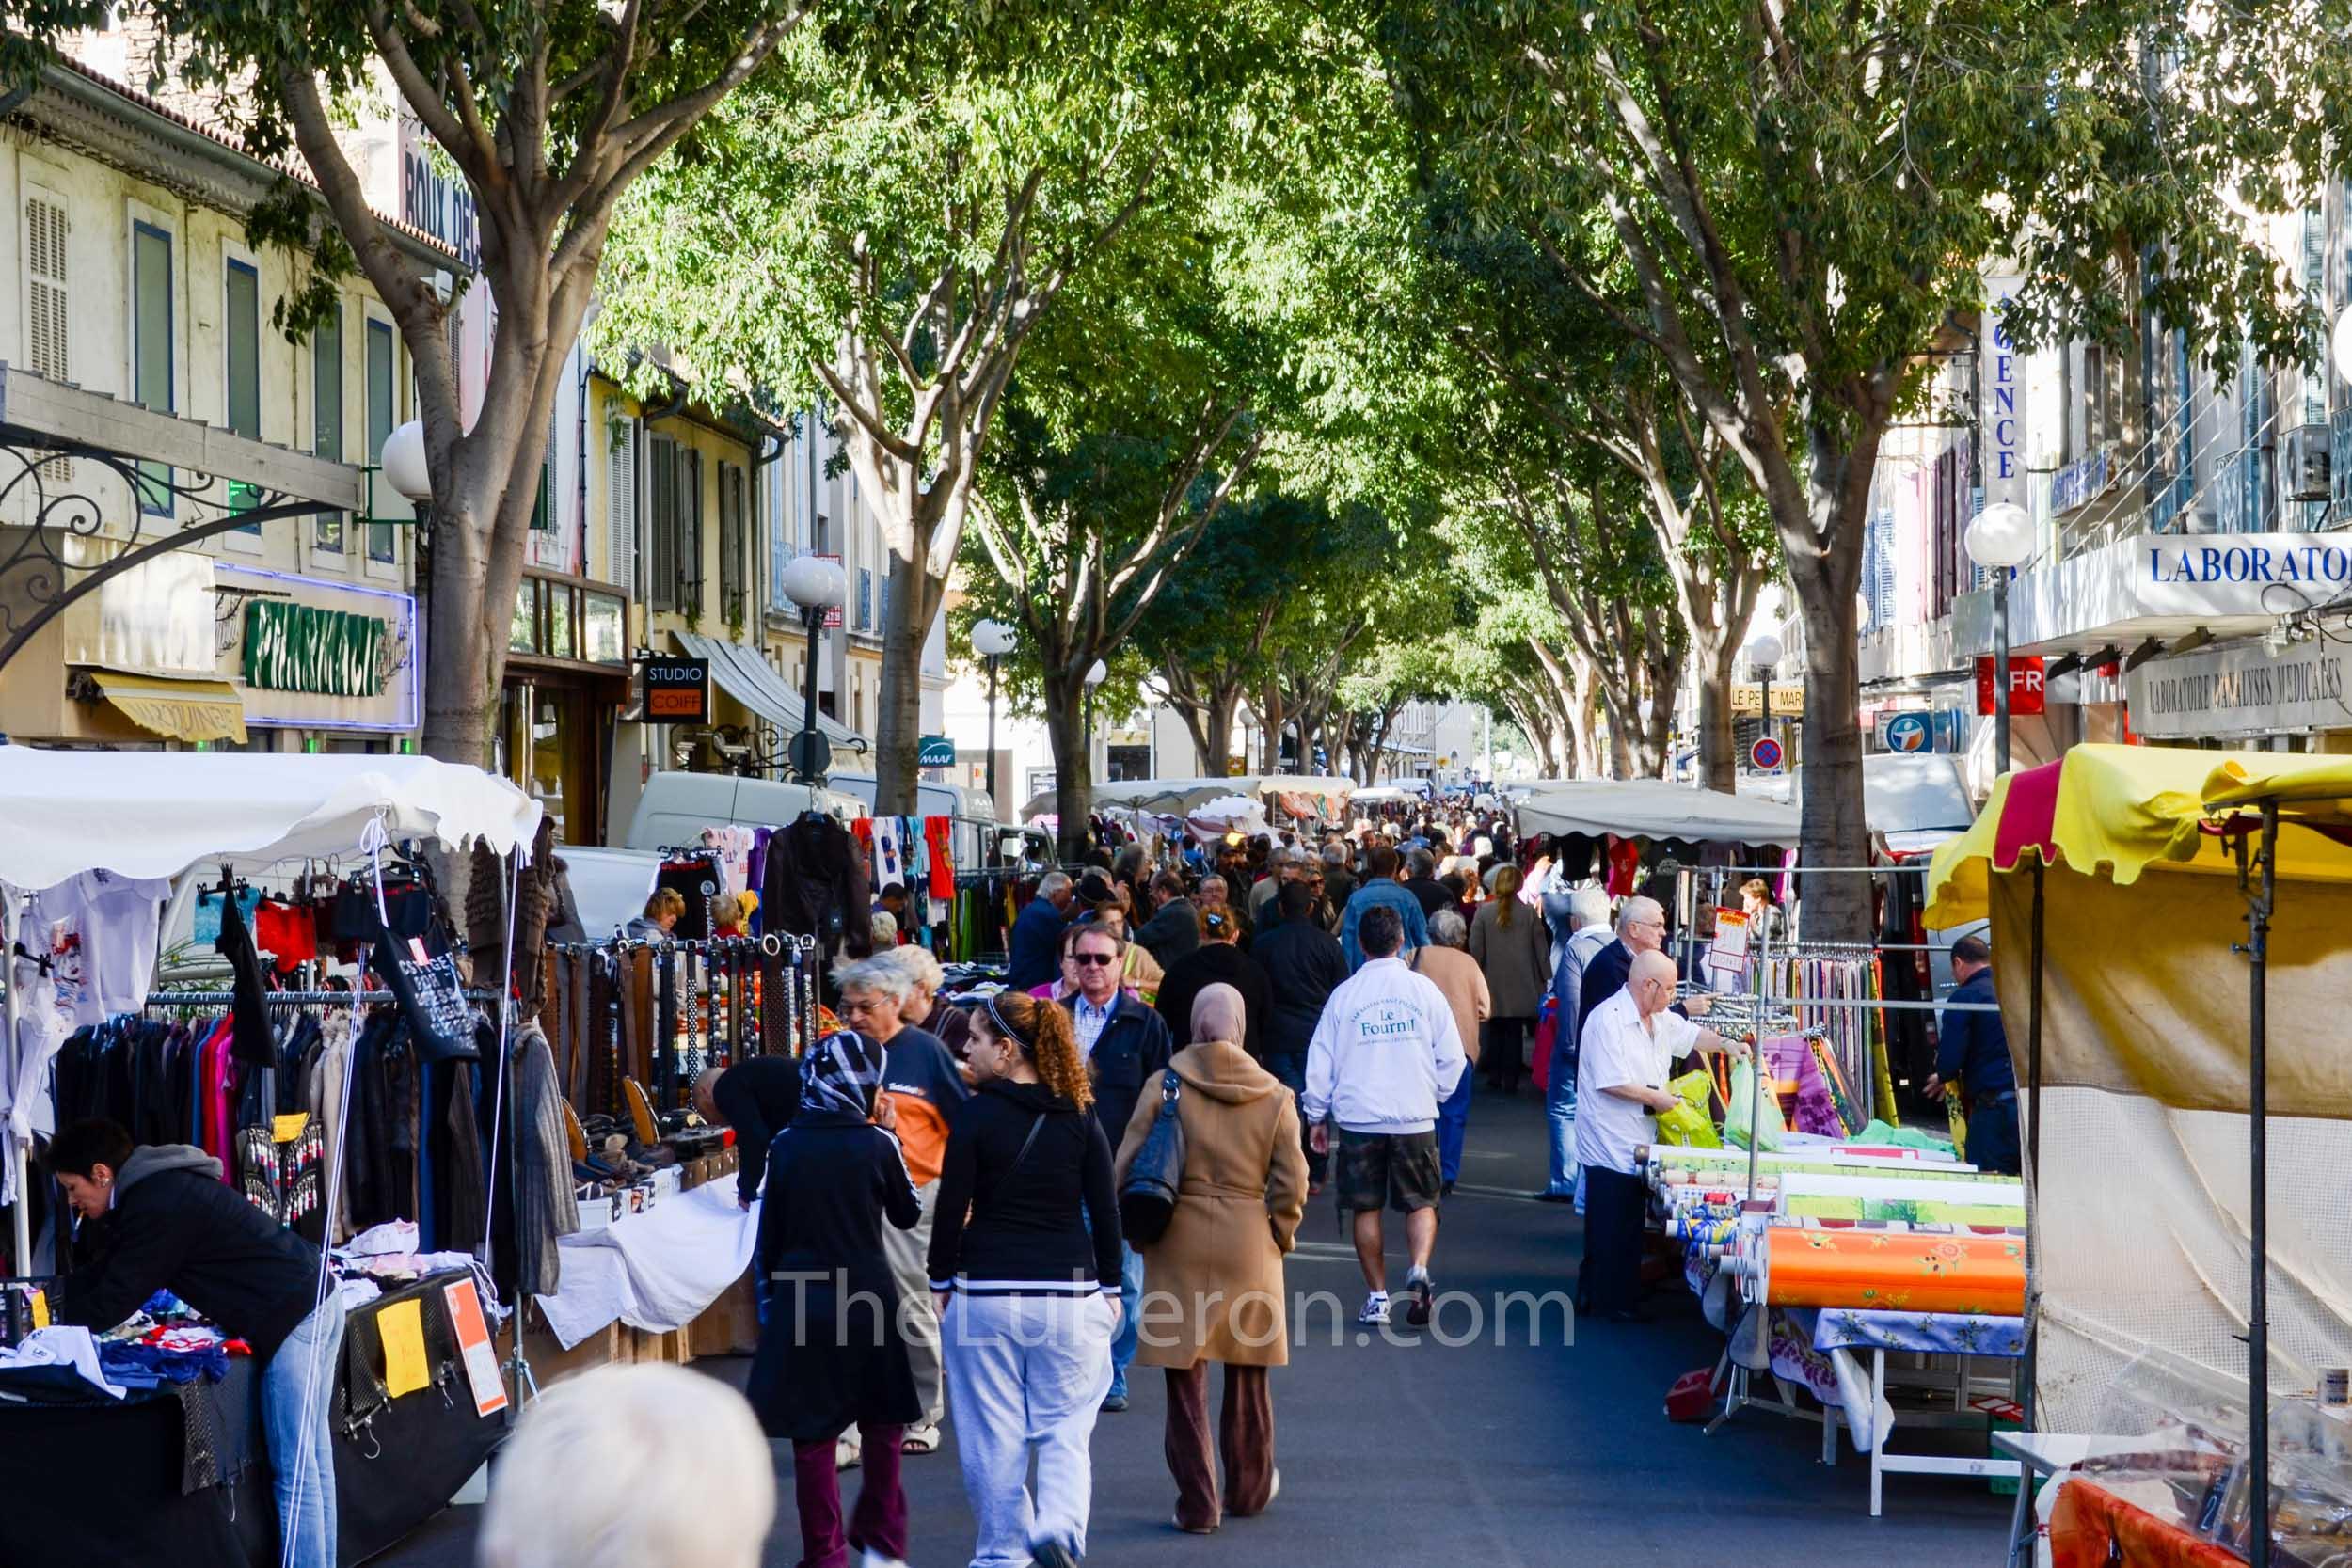 Street scen at Cavaillon market